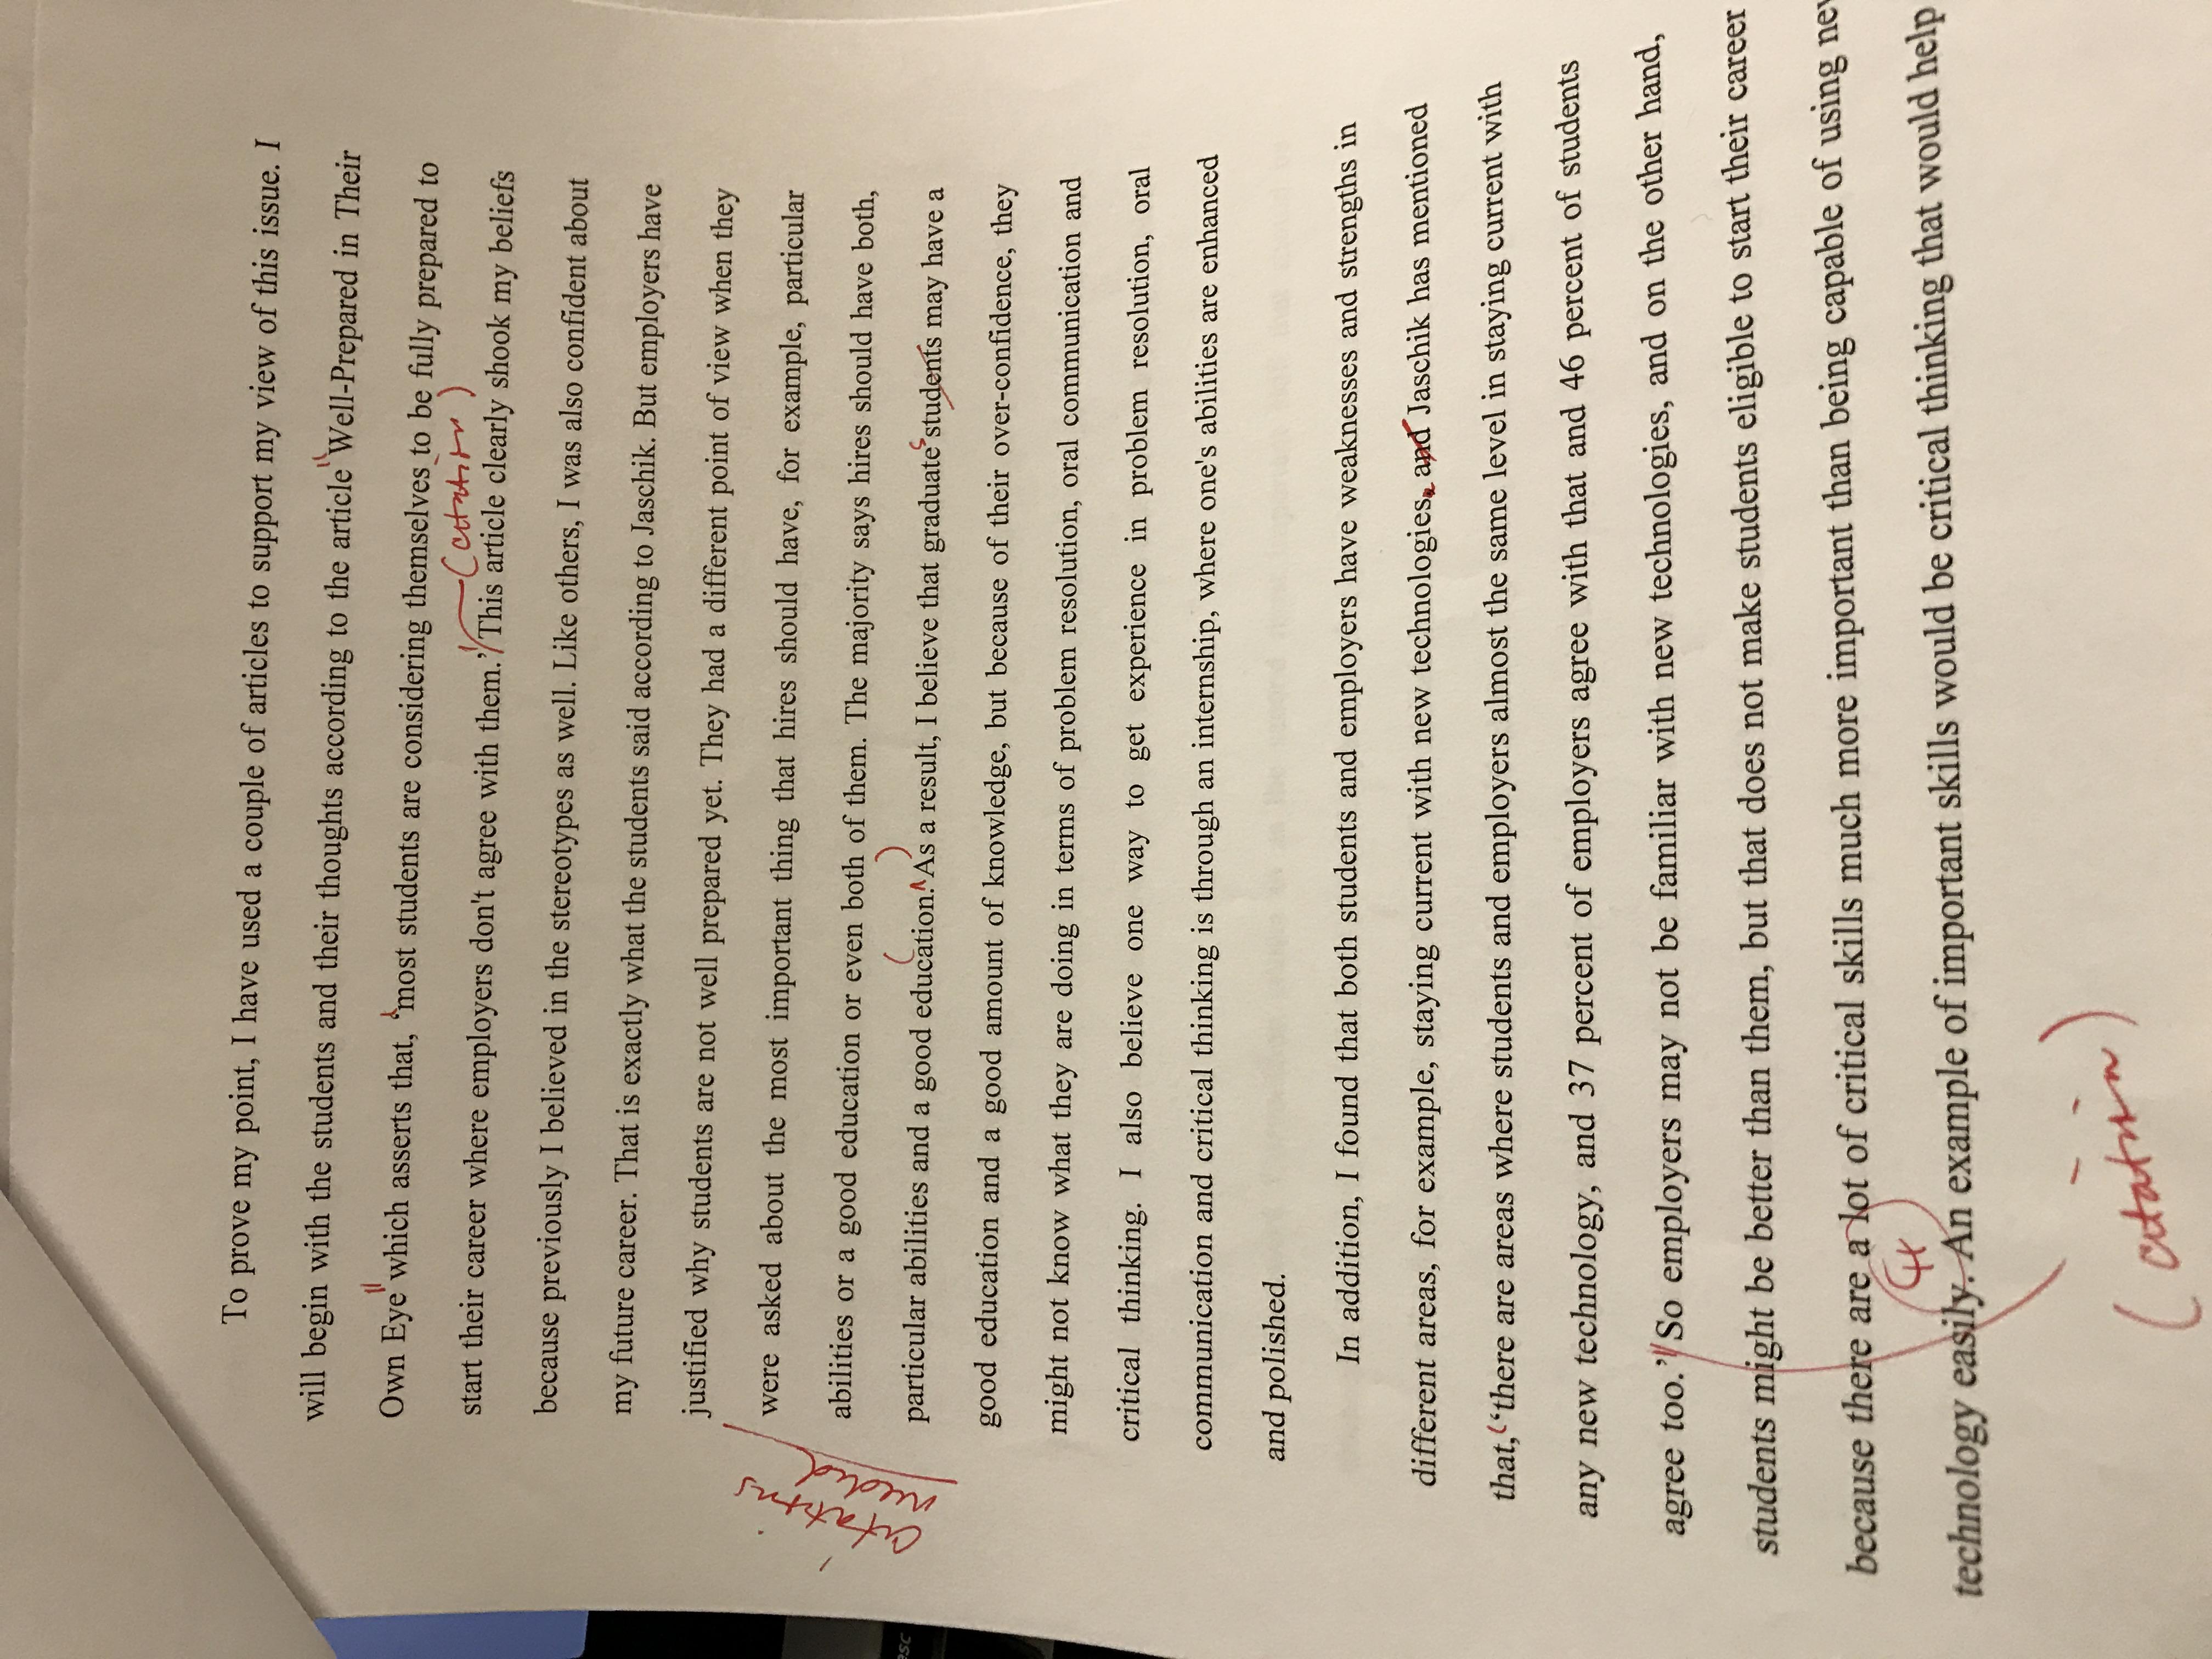 Plagiarism paper title